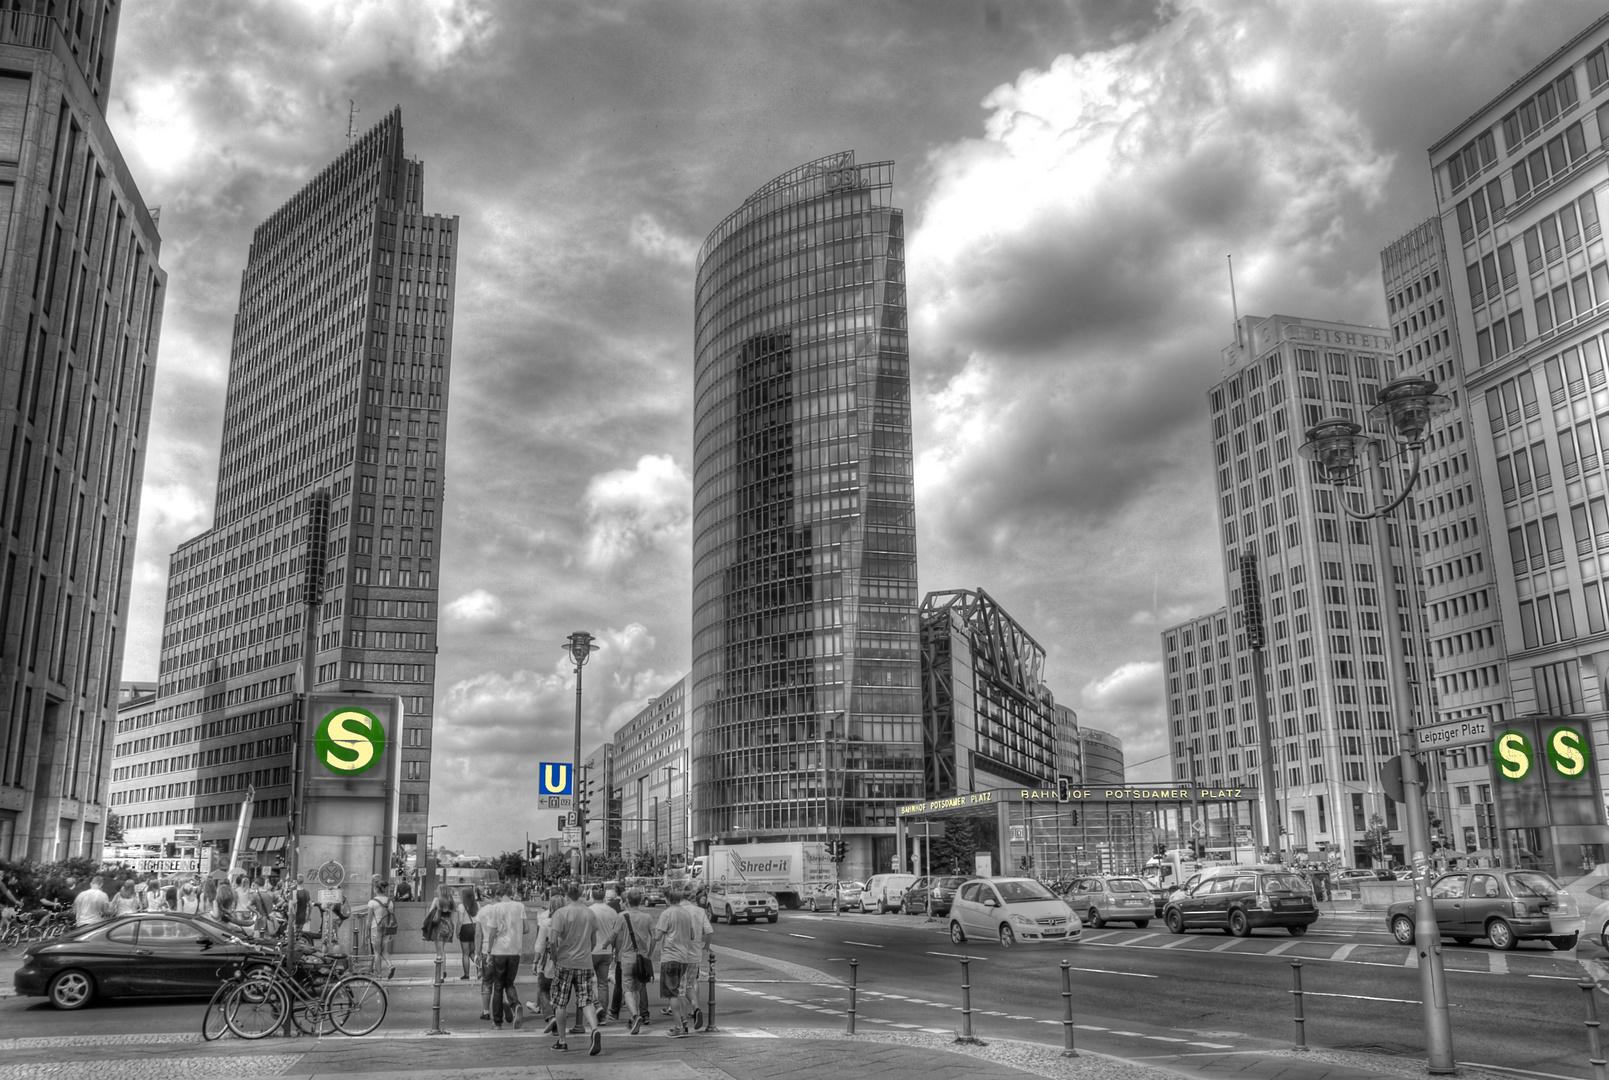 Das herz der 20er jahre der potsdamer platz in berlin for Architektur 20er